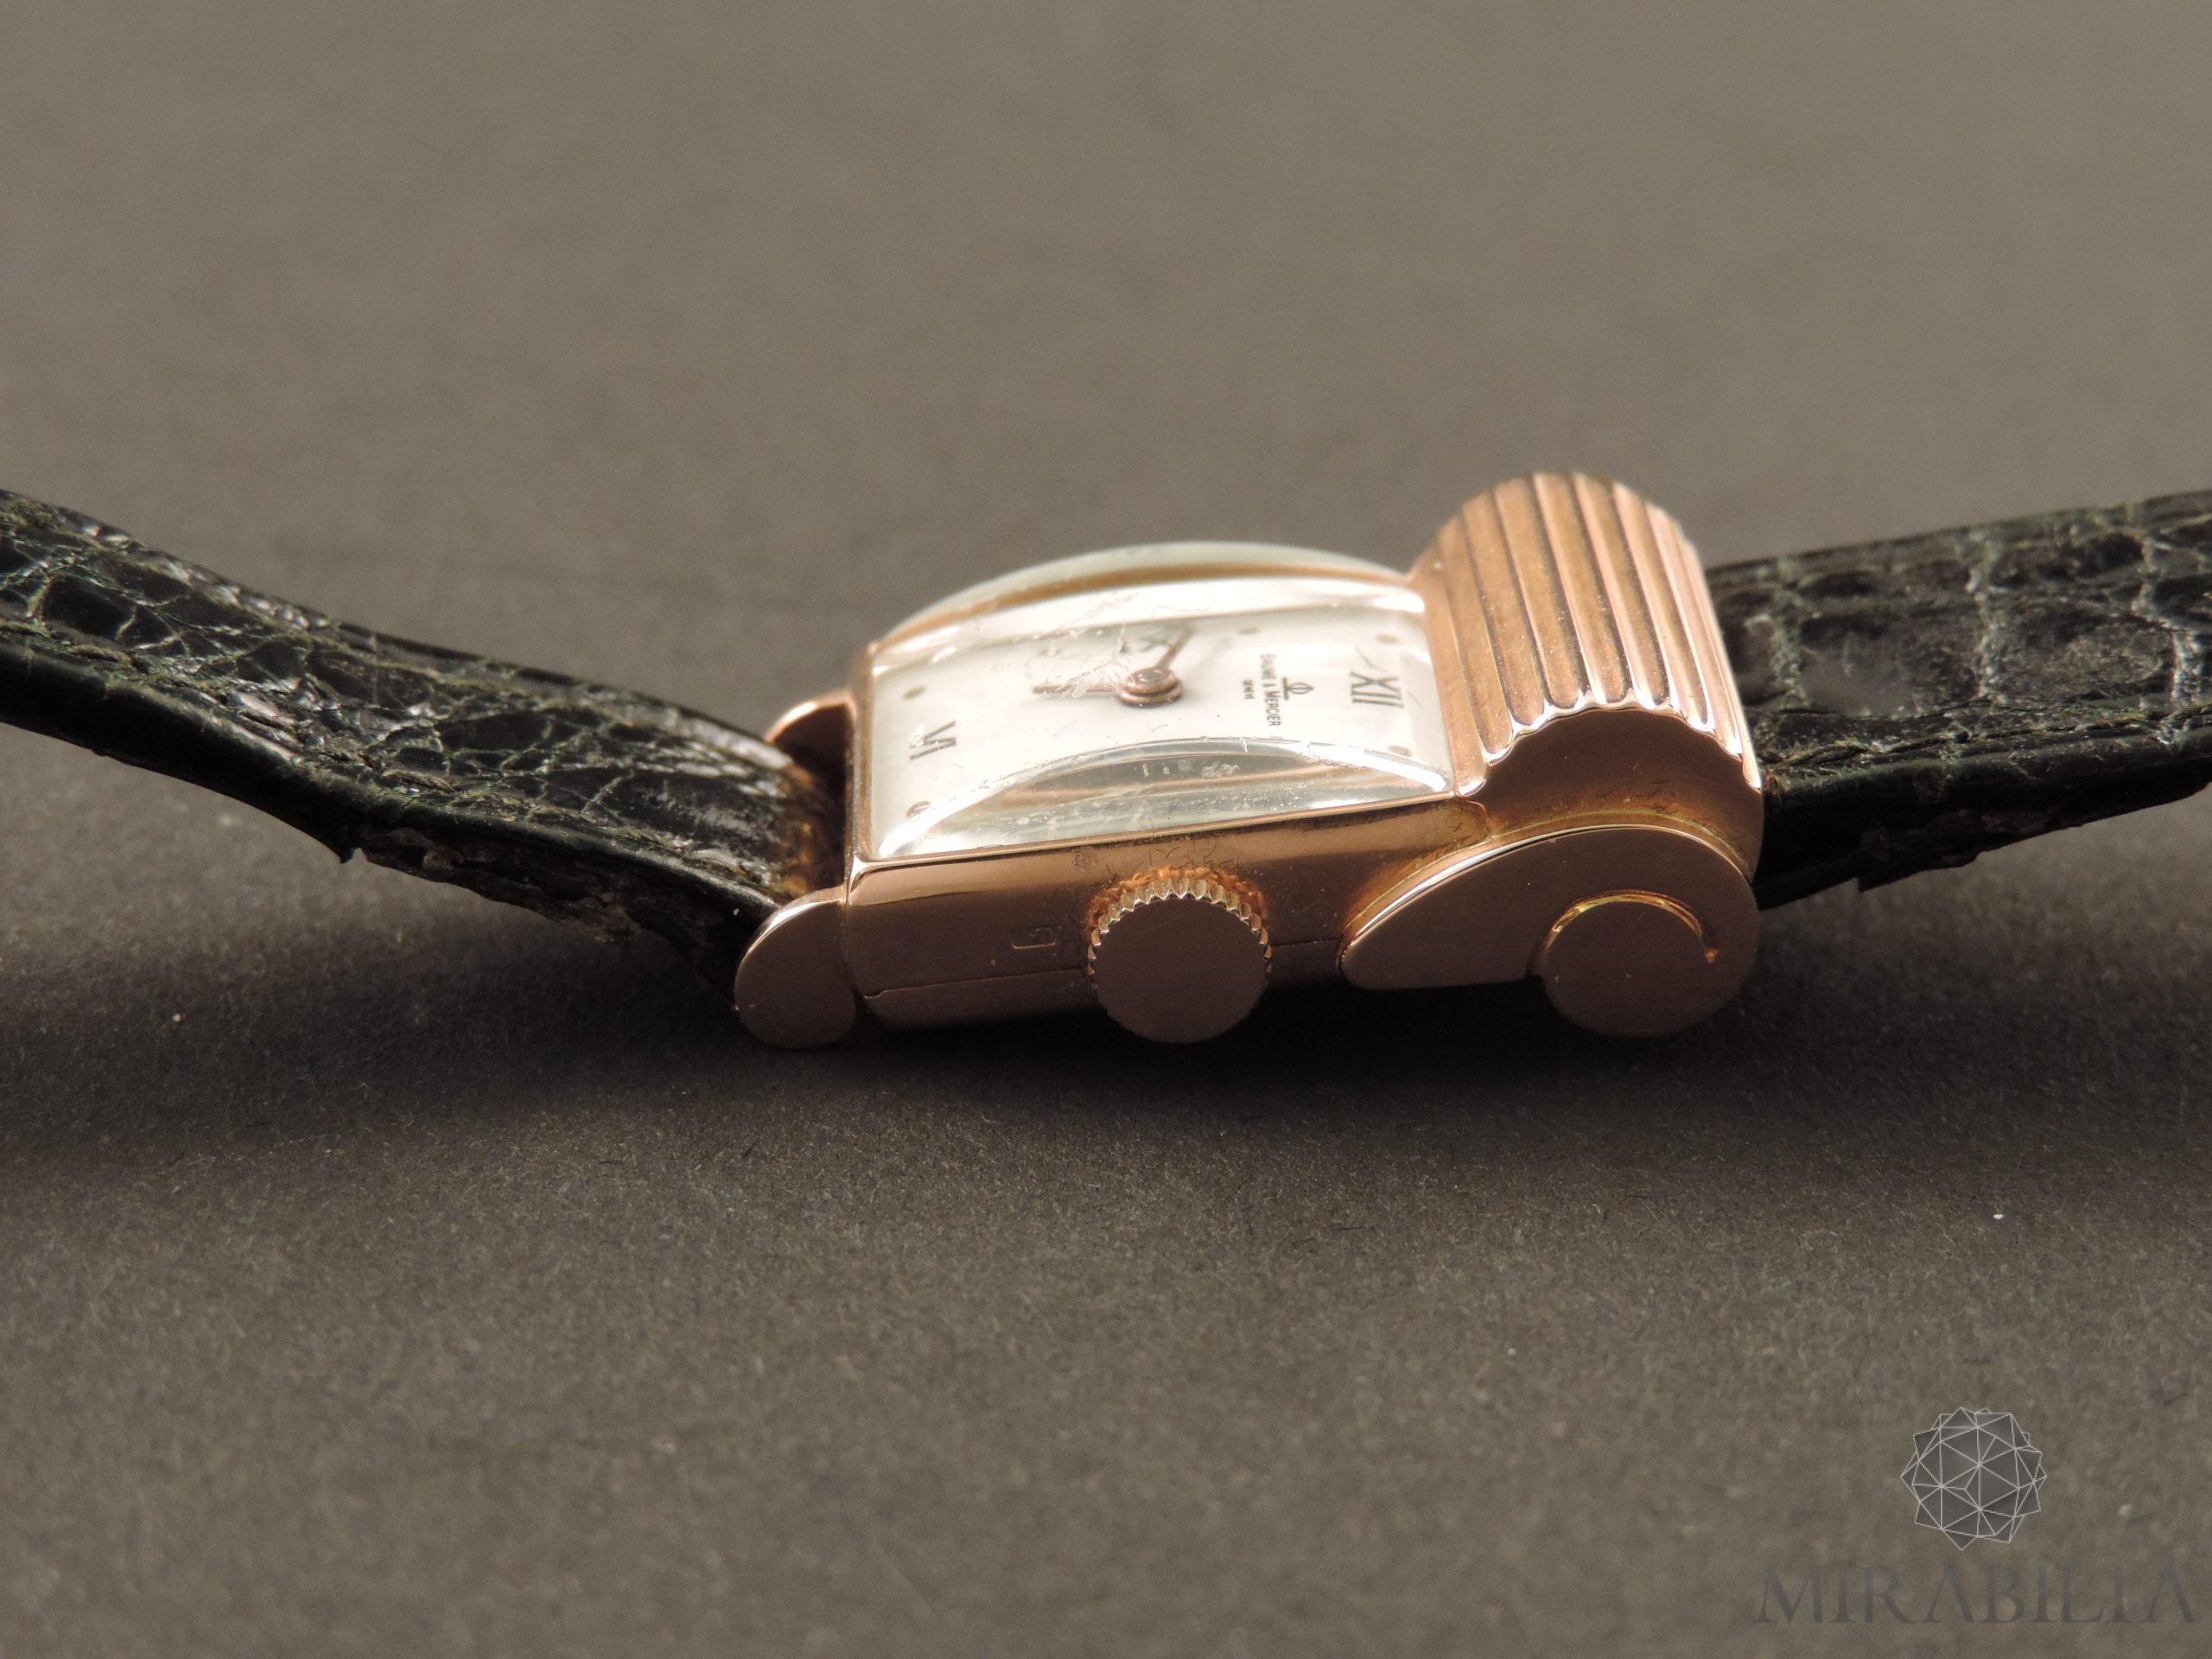 Orologio Baume & Mercier oro Art Déco (dettaglio lato)